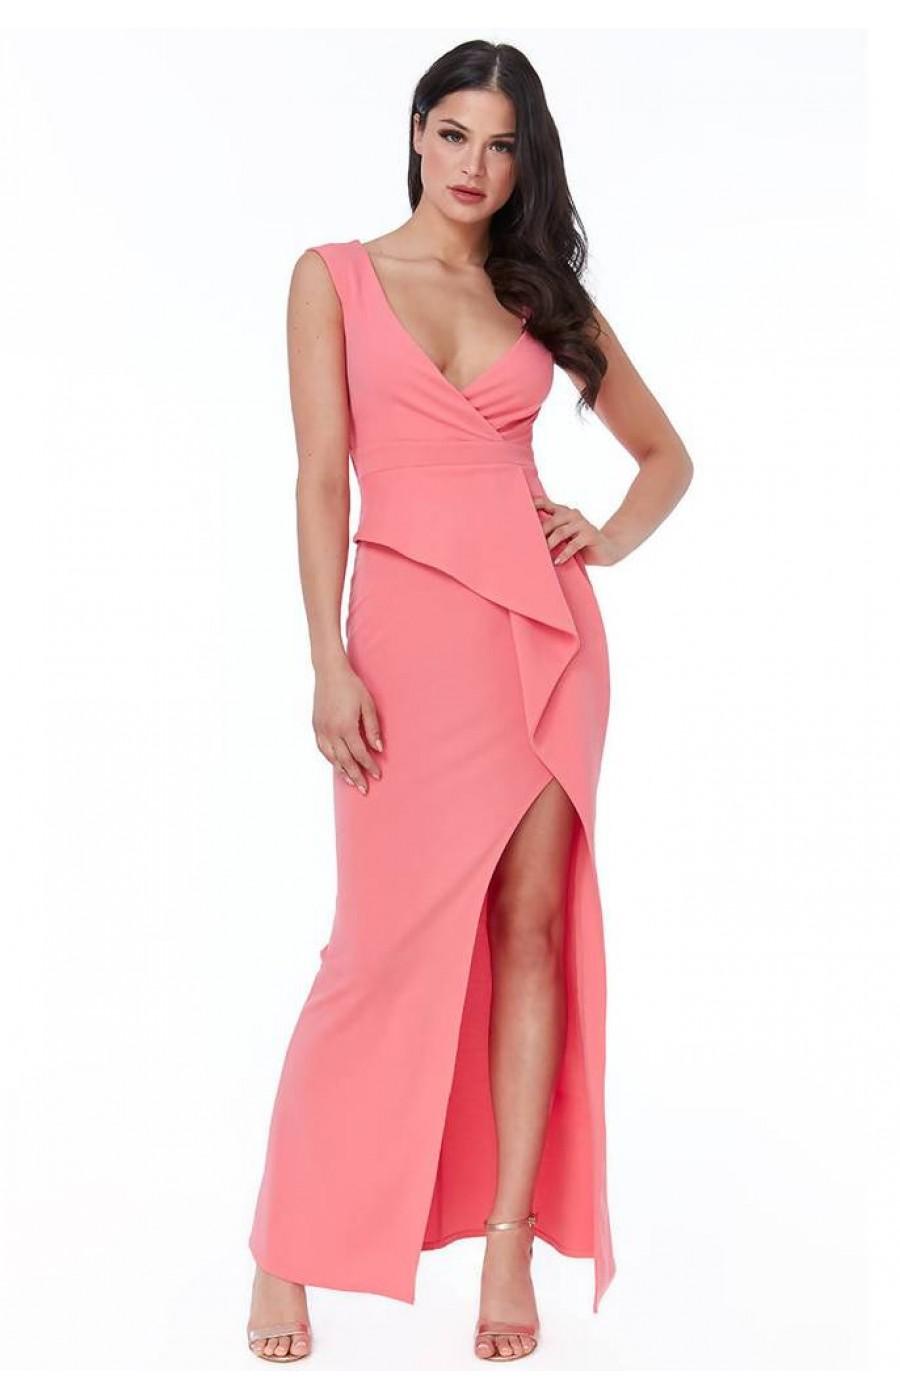 Κρεπ κοραλί φόρεμα με λεπτομέρεια στην μέση και σκίσιμο μπροστά